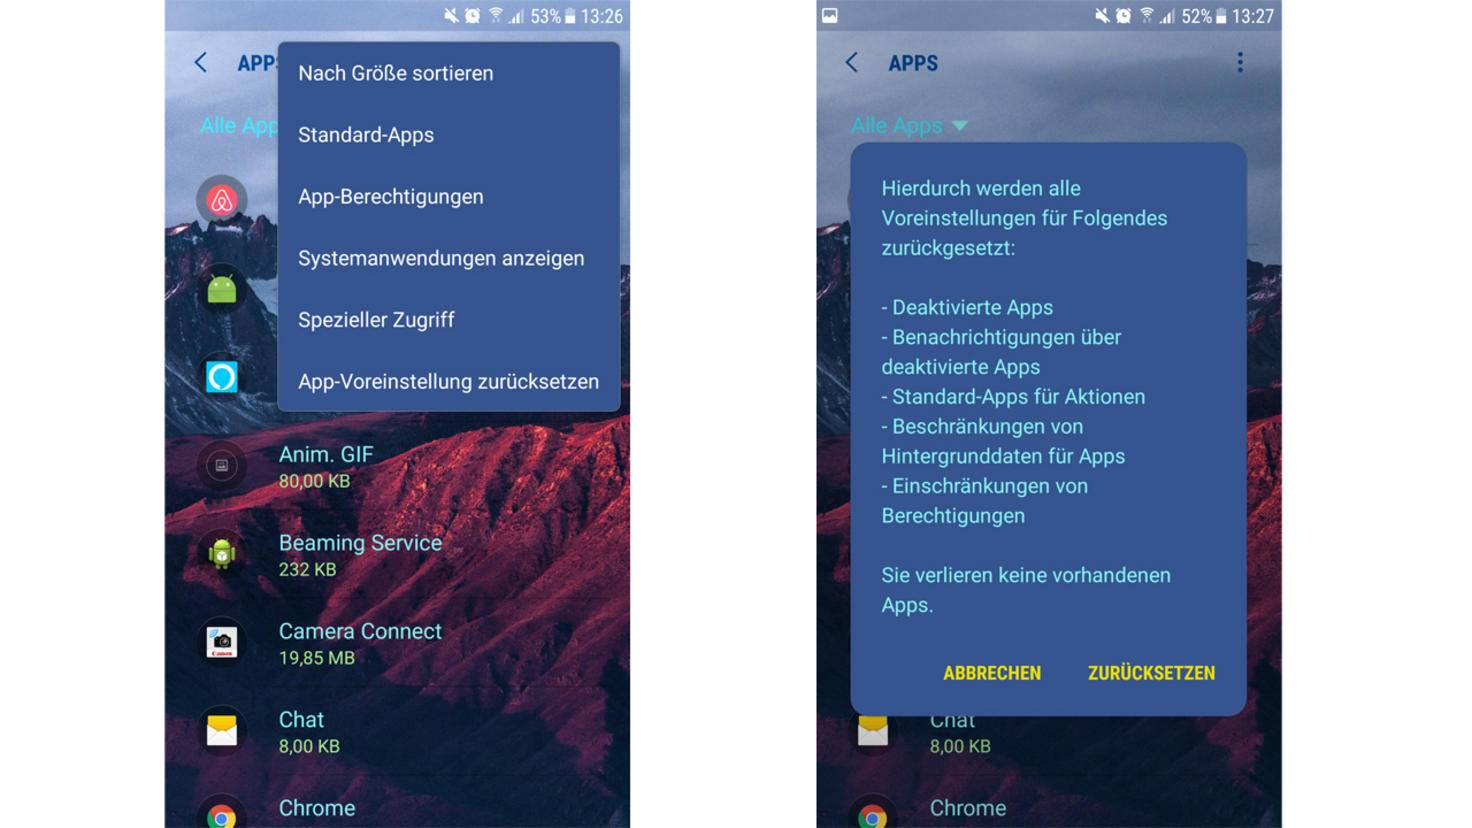 Standard Apps 4